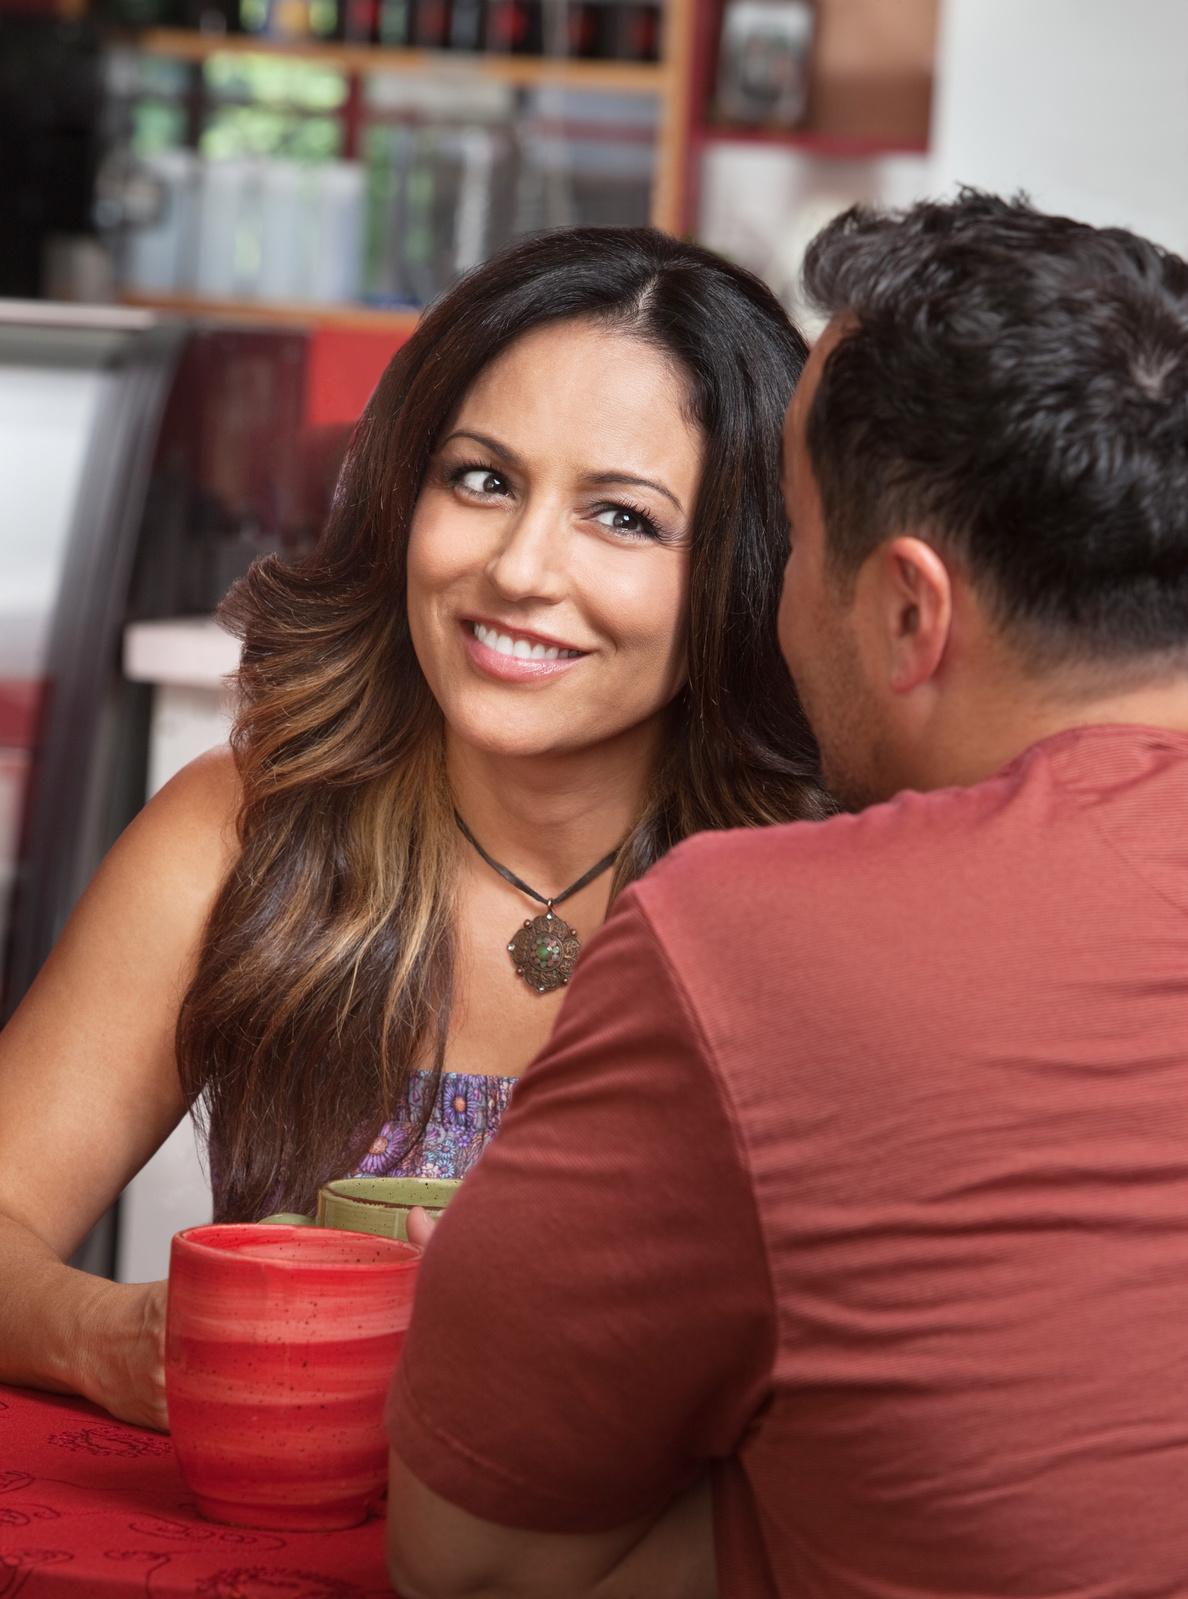 bekanntschaften raum lugano amateur dating seite frankfurt am main